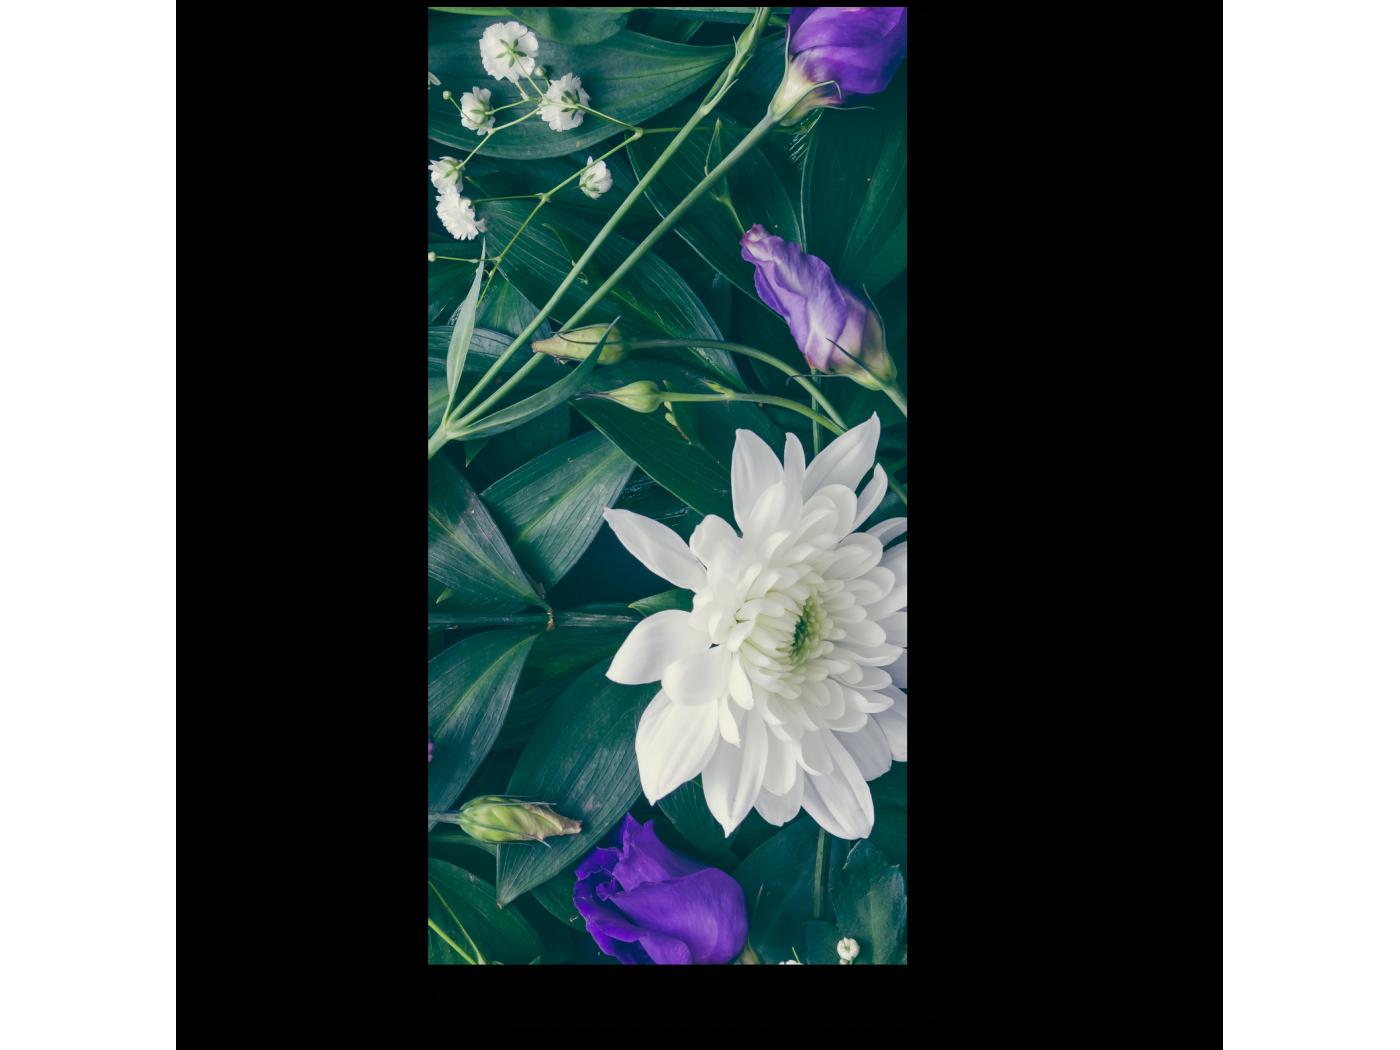 Модульная картина Белые цветы хризантем (20x40) фото